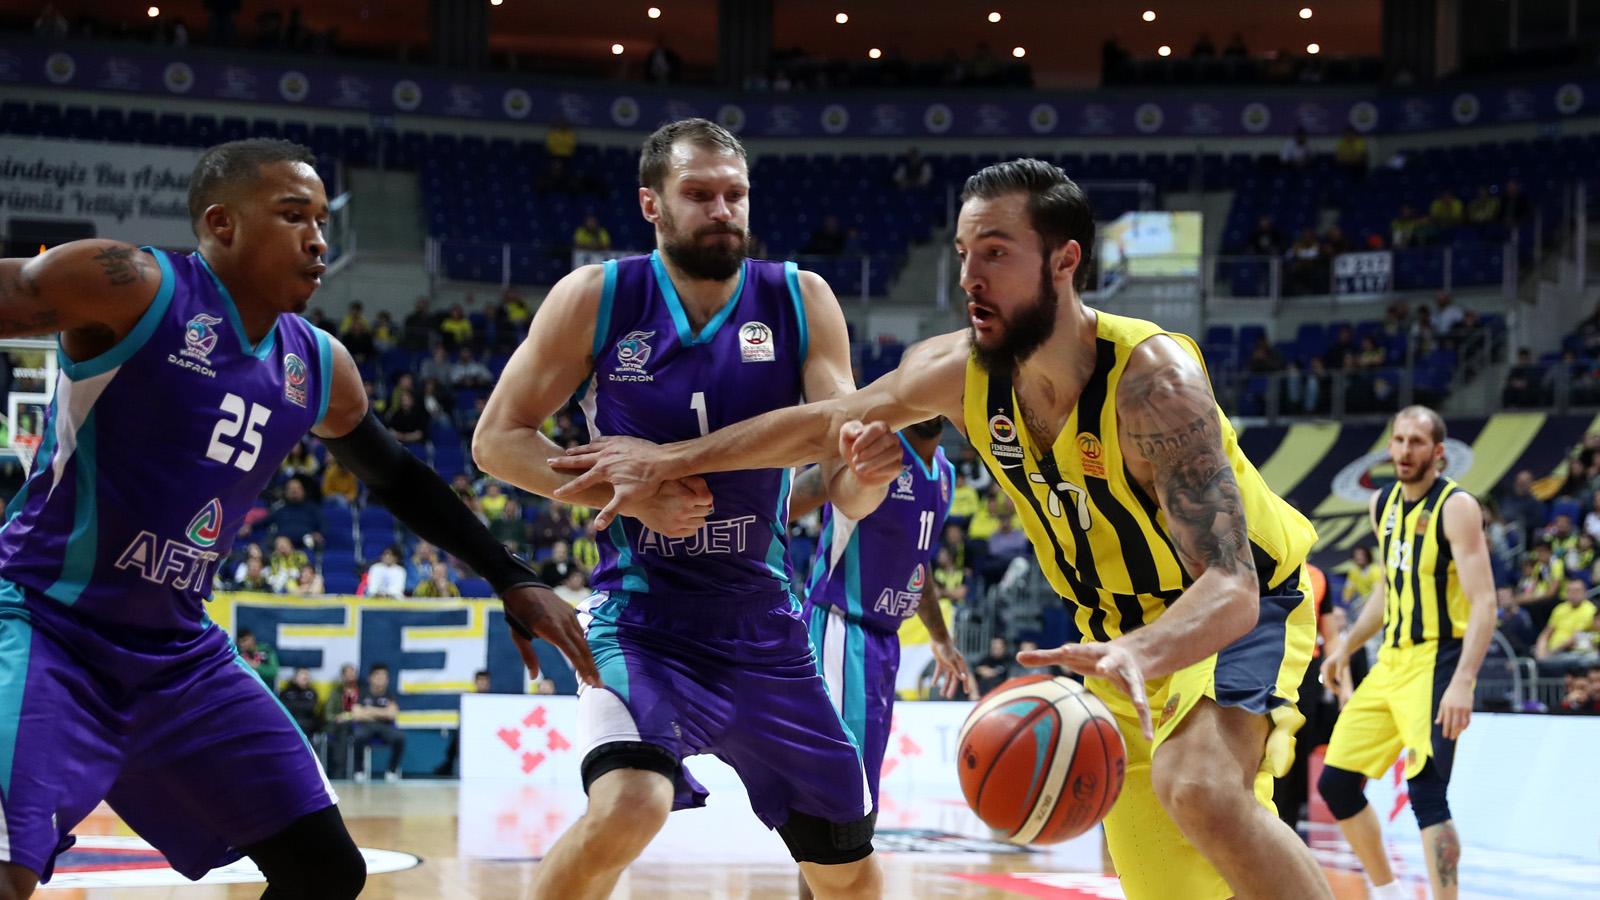 Fenerbahçe 92-68 Afyon Belediyespor